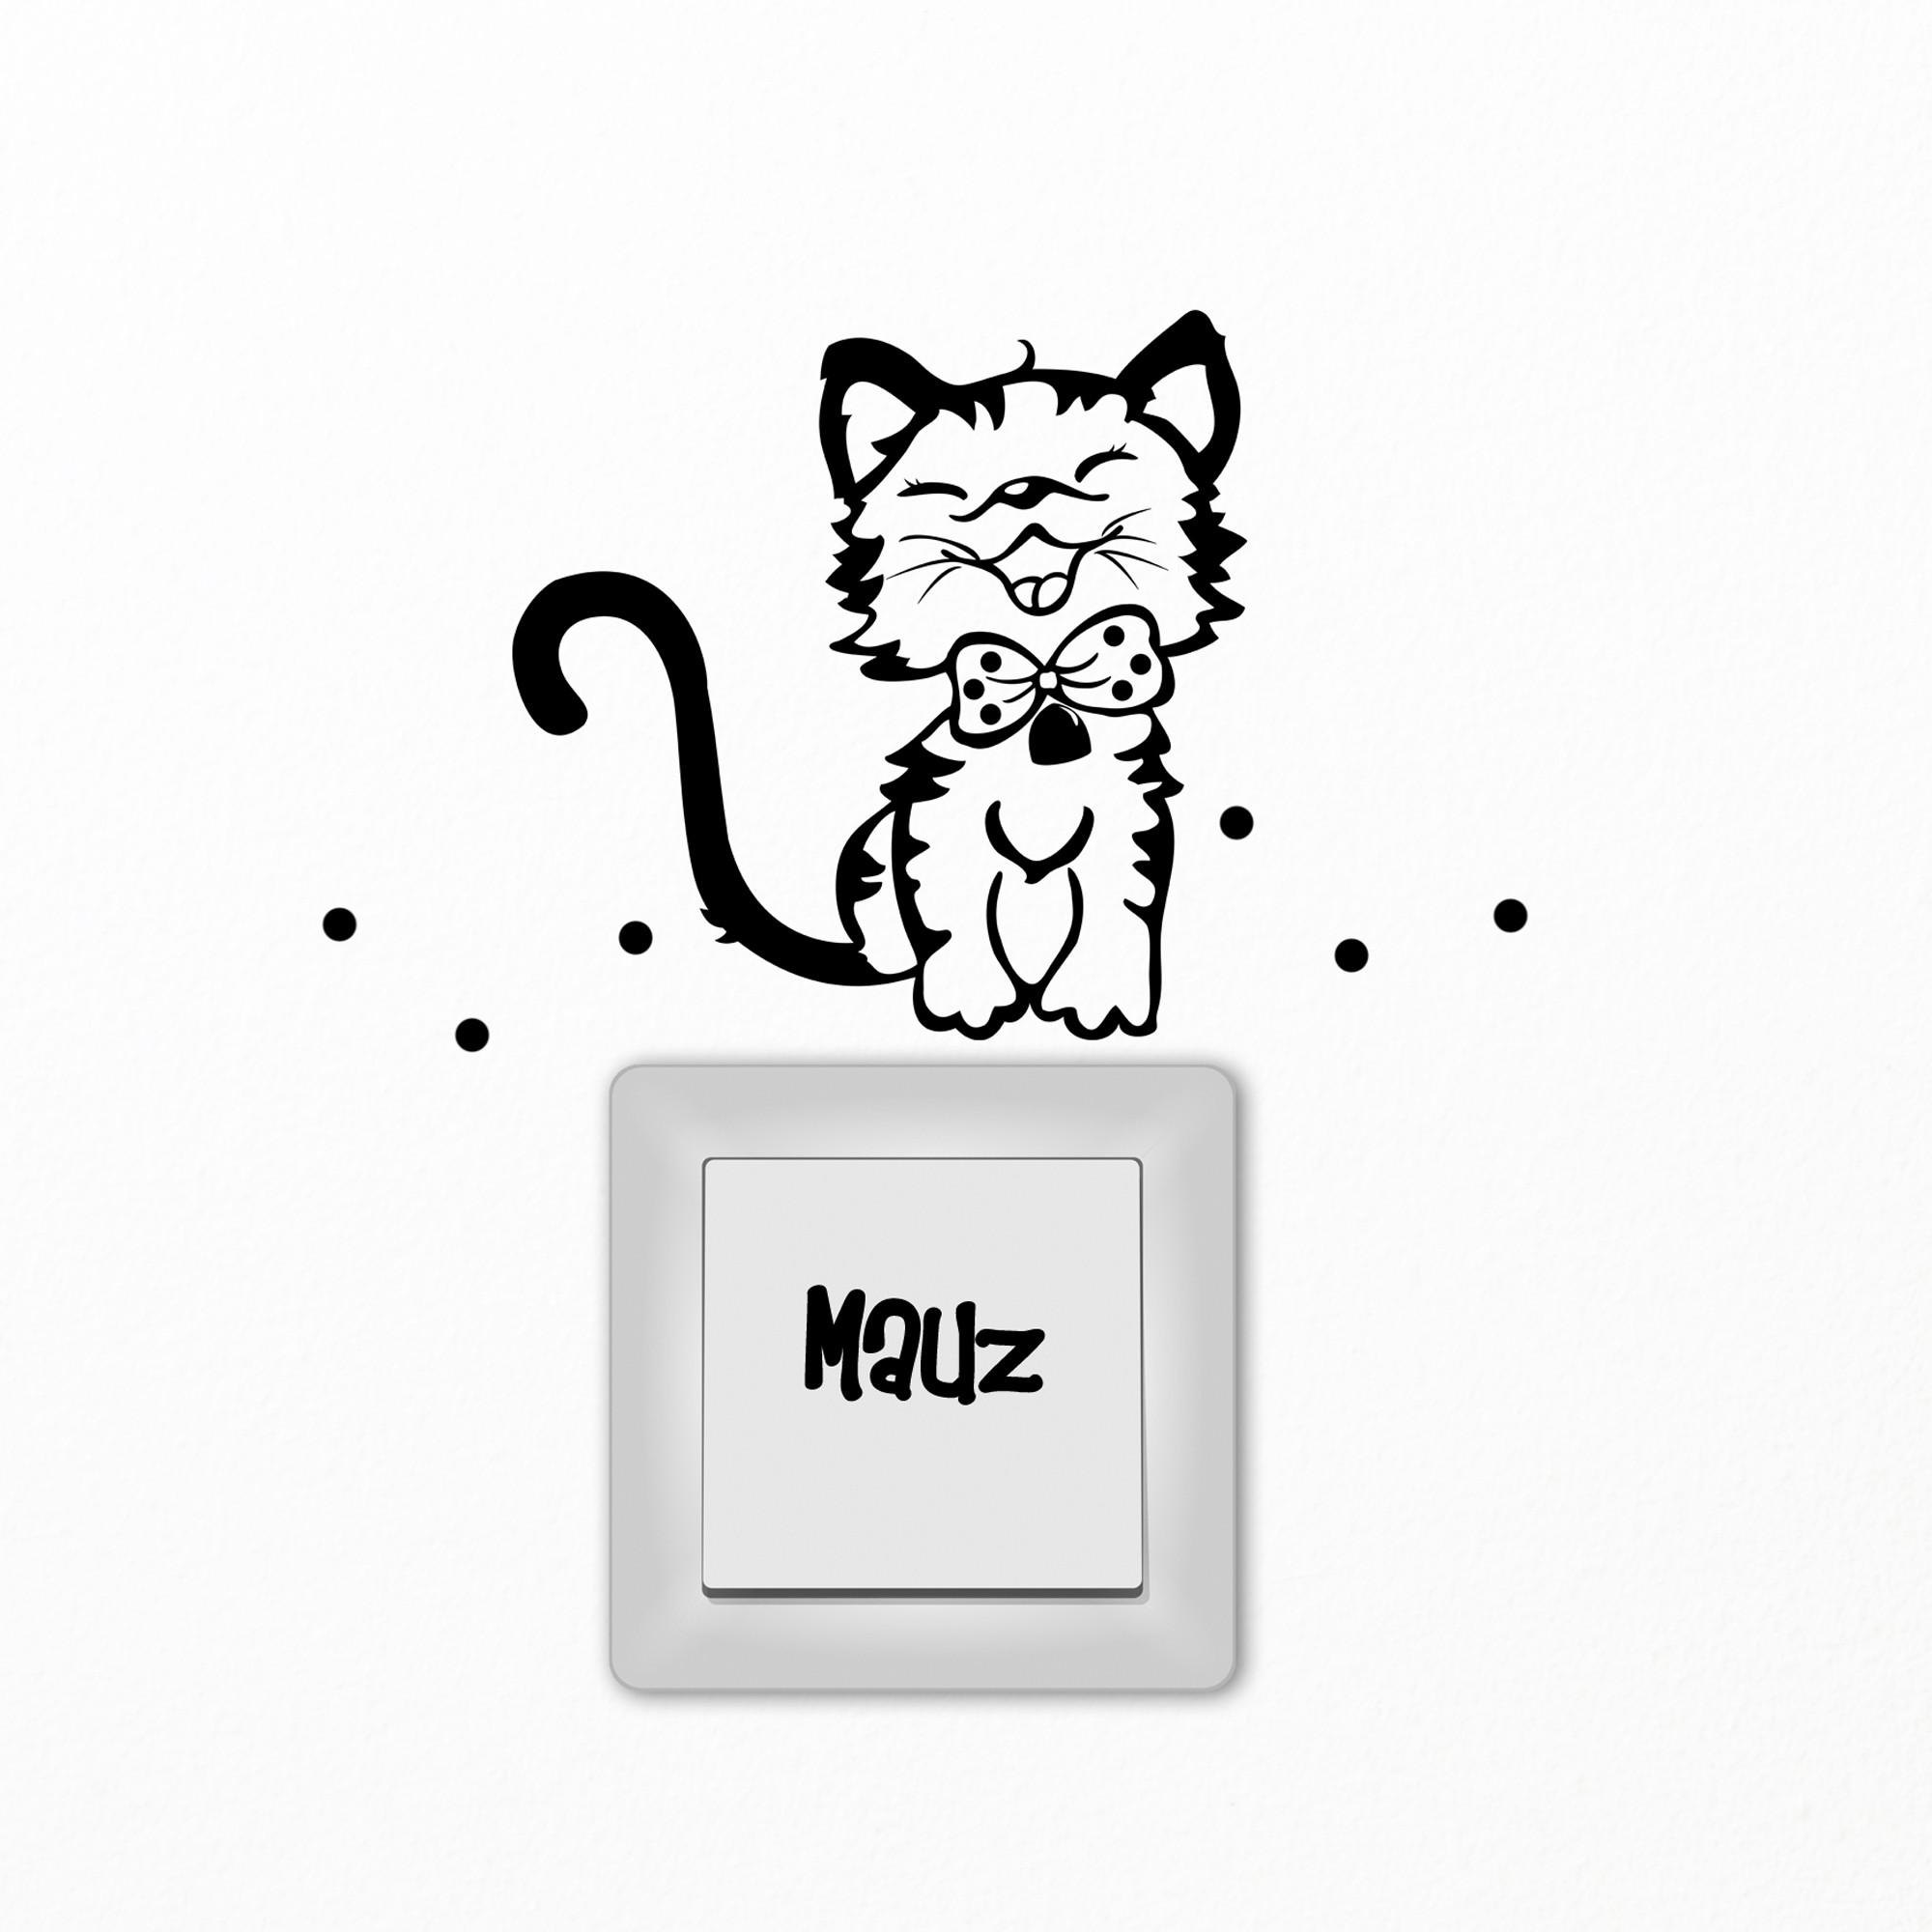 Gewaltig Wandtattoo Katzen Galerie Von Lichtschaltertattoo Katze Kätzchen Mit Puntken Und Schriftzug